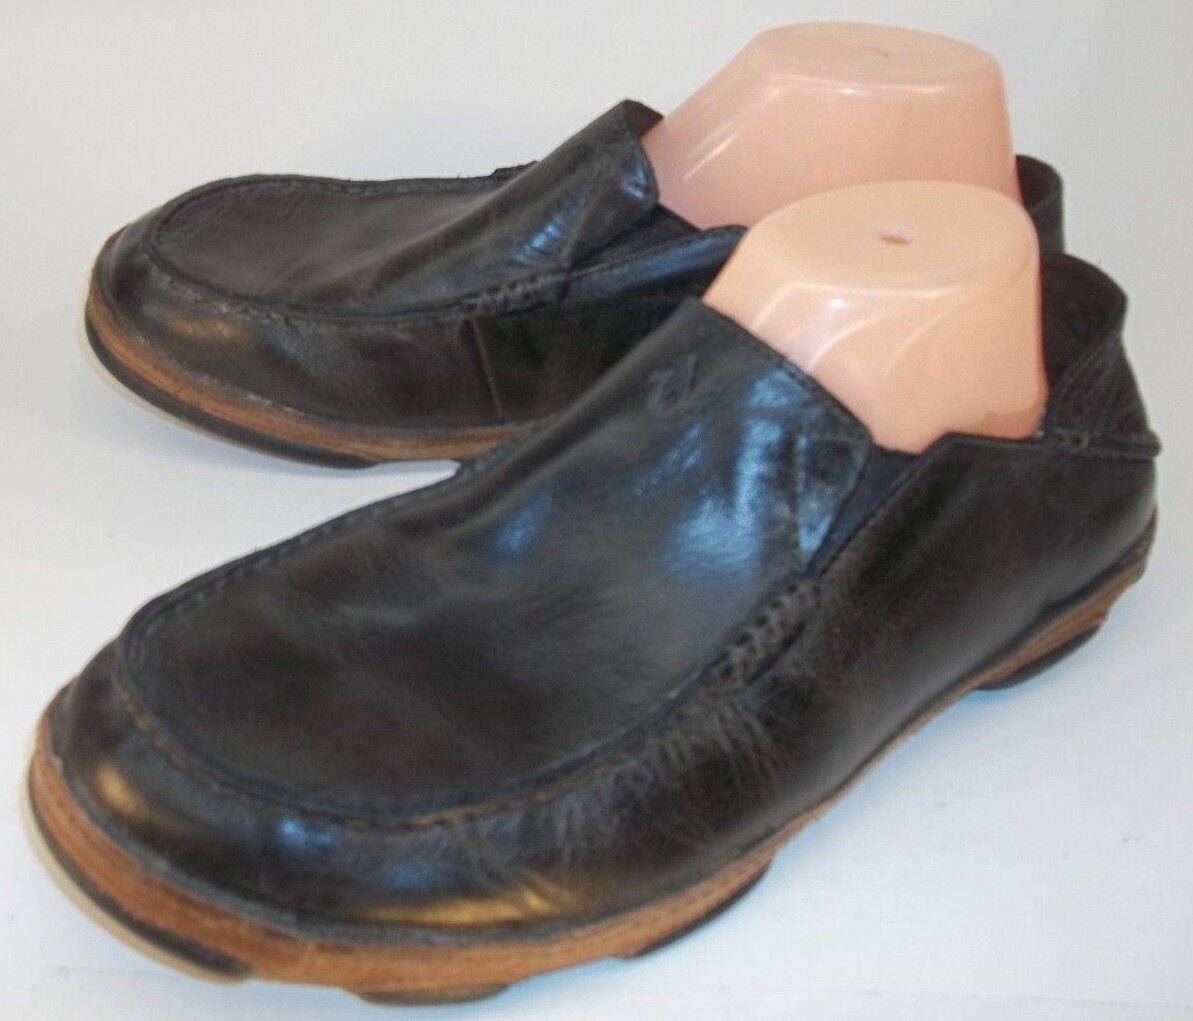 Olukai MOLOA Mens US 10 M Black Leather Slip-On Casual Moc Toe Loafers Shoes